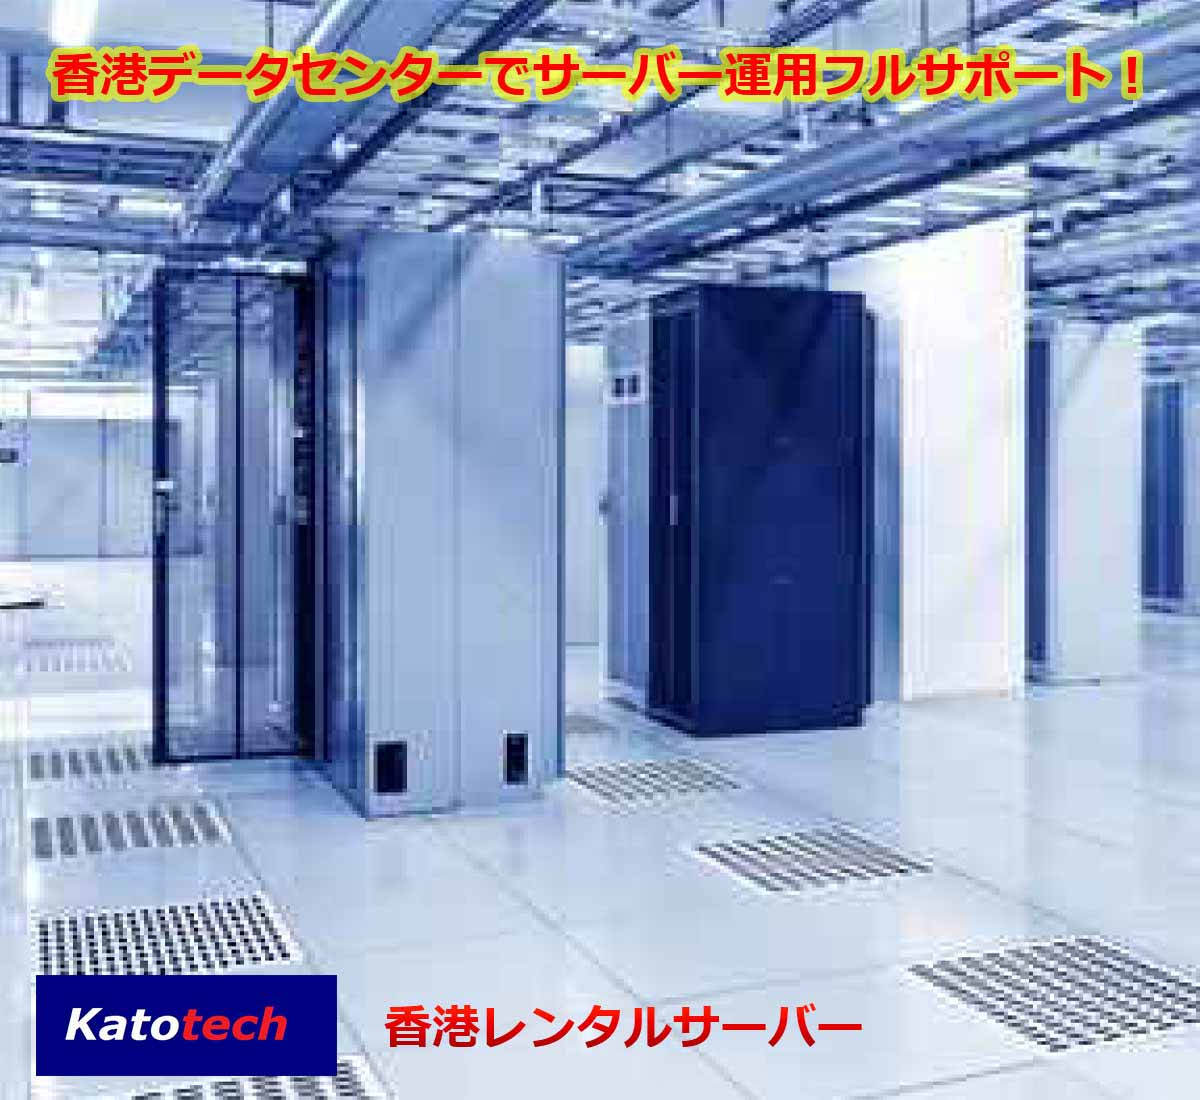 海外レンタルサーバー